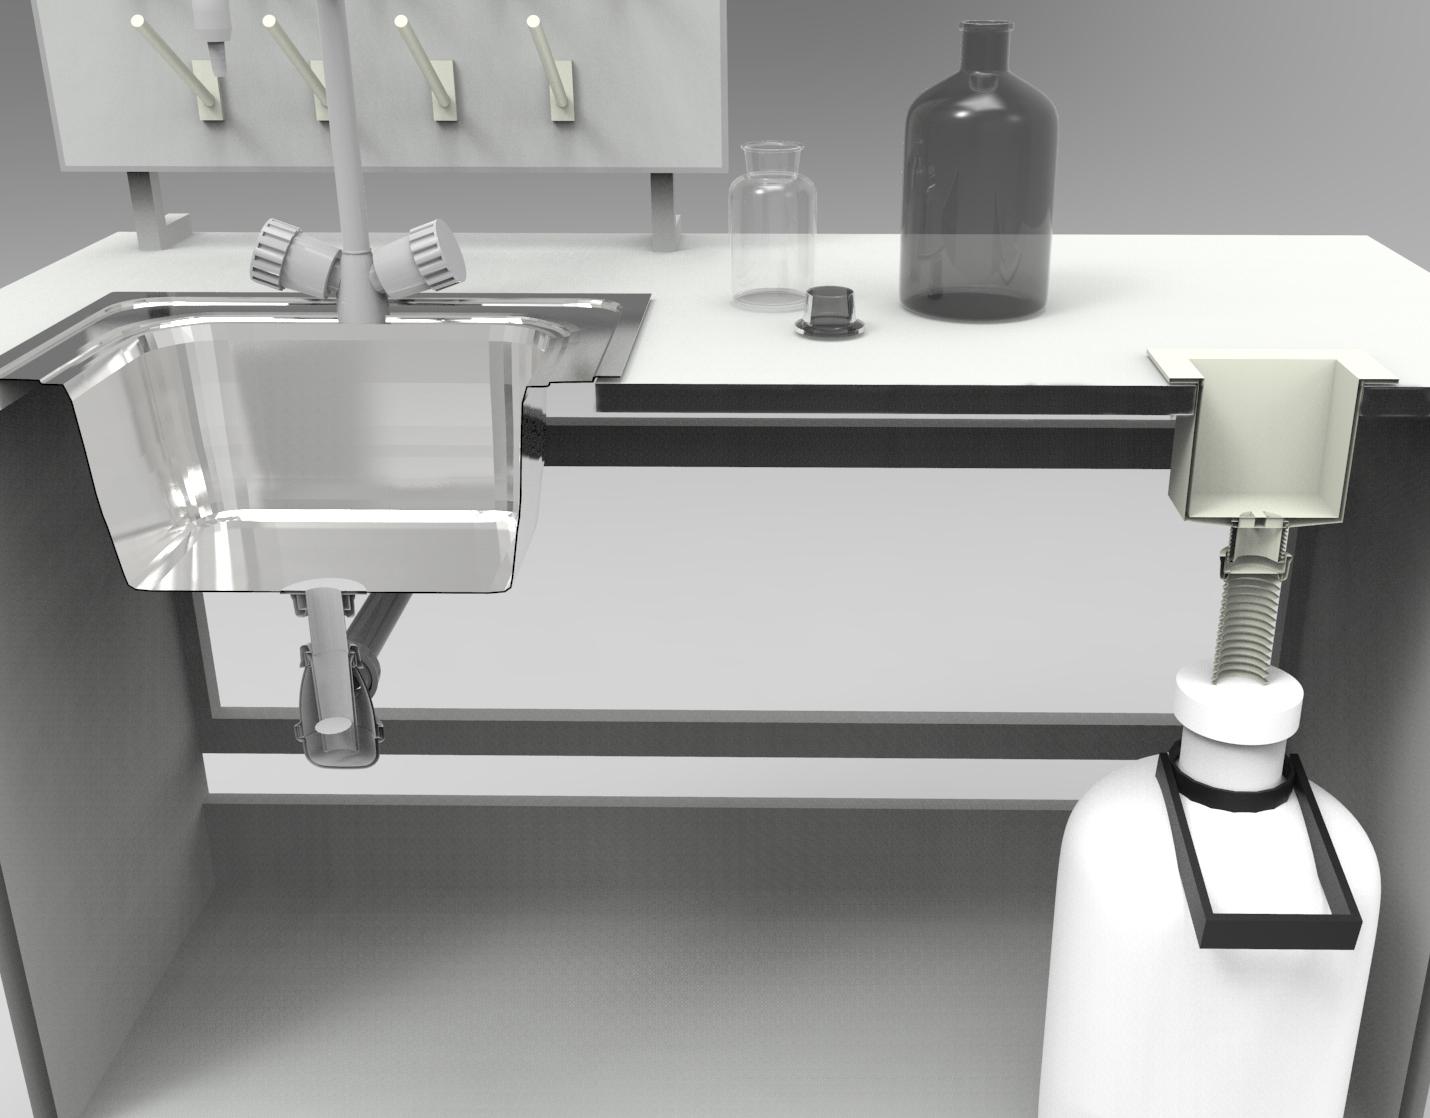 Схема установки сливной раковины и ёмкости для жидких химреактивов